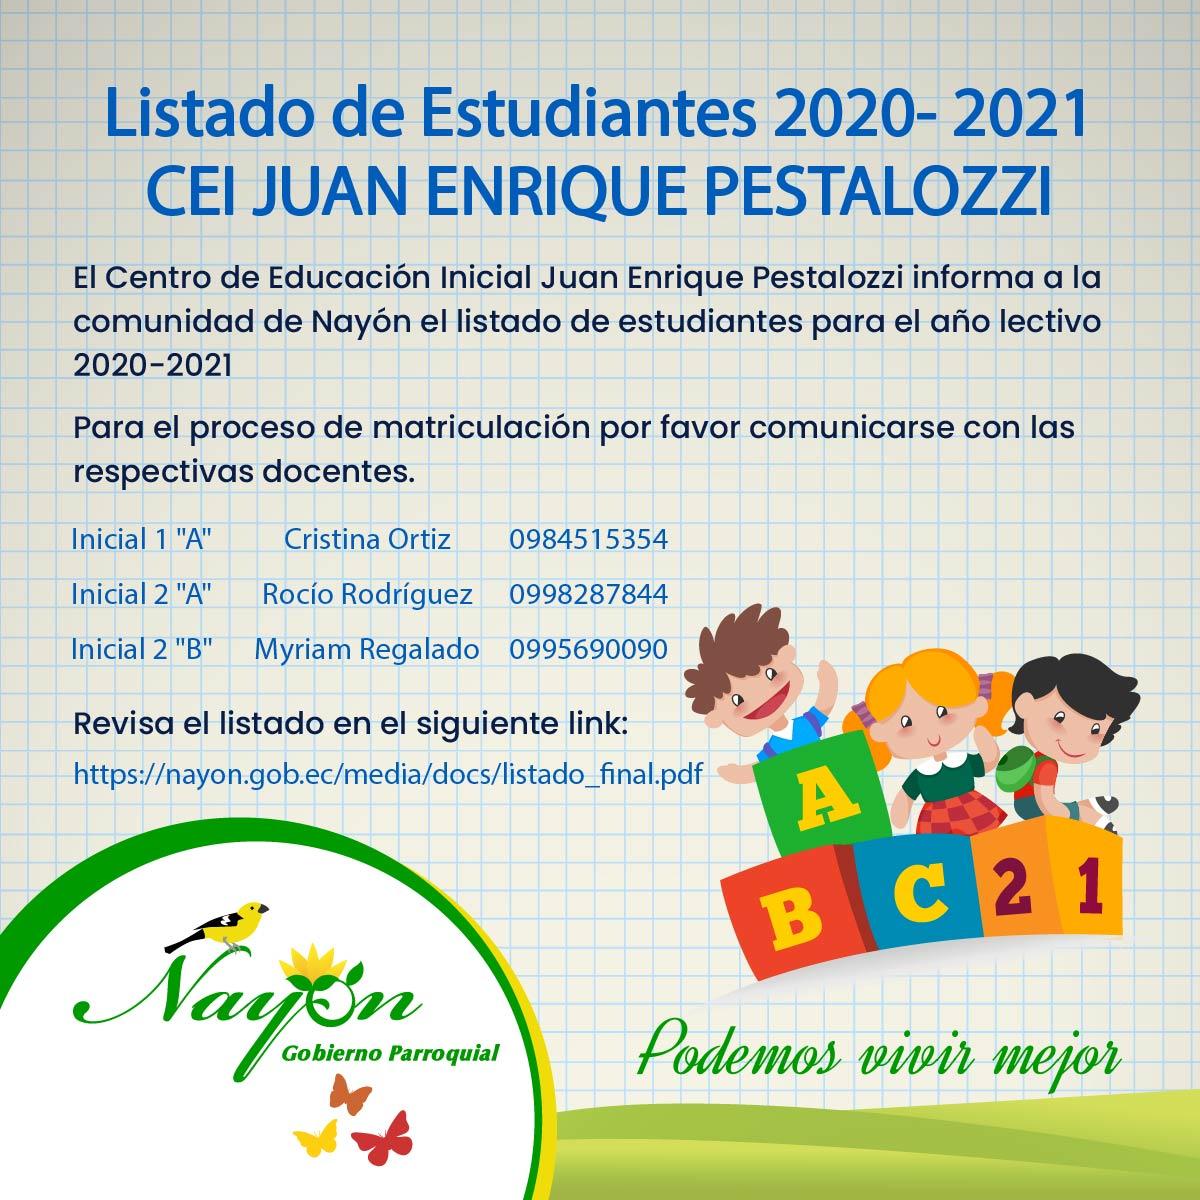 Listado Estudiantes CEI Juan Enrique Pestalozzi